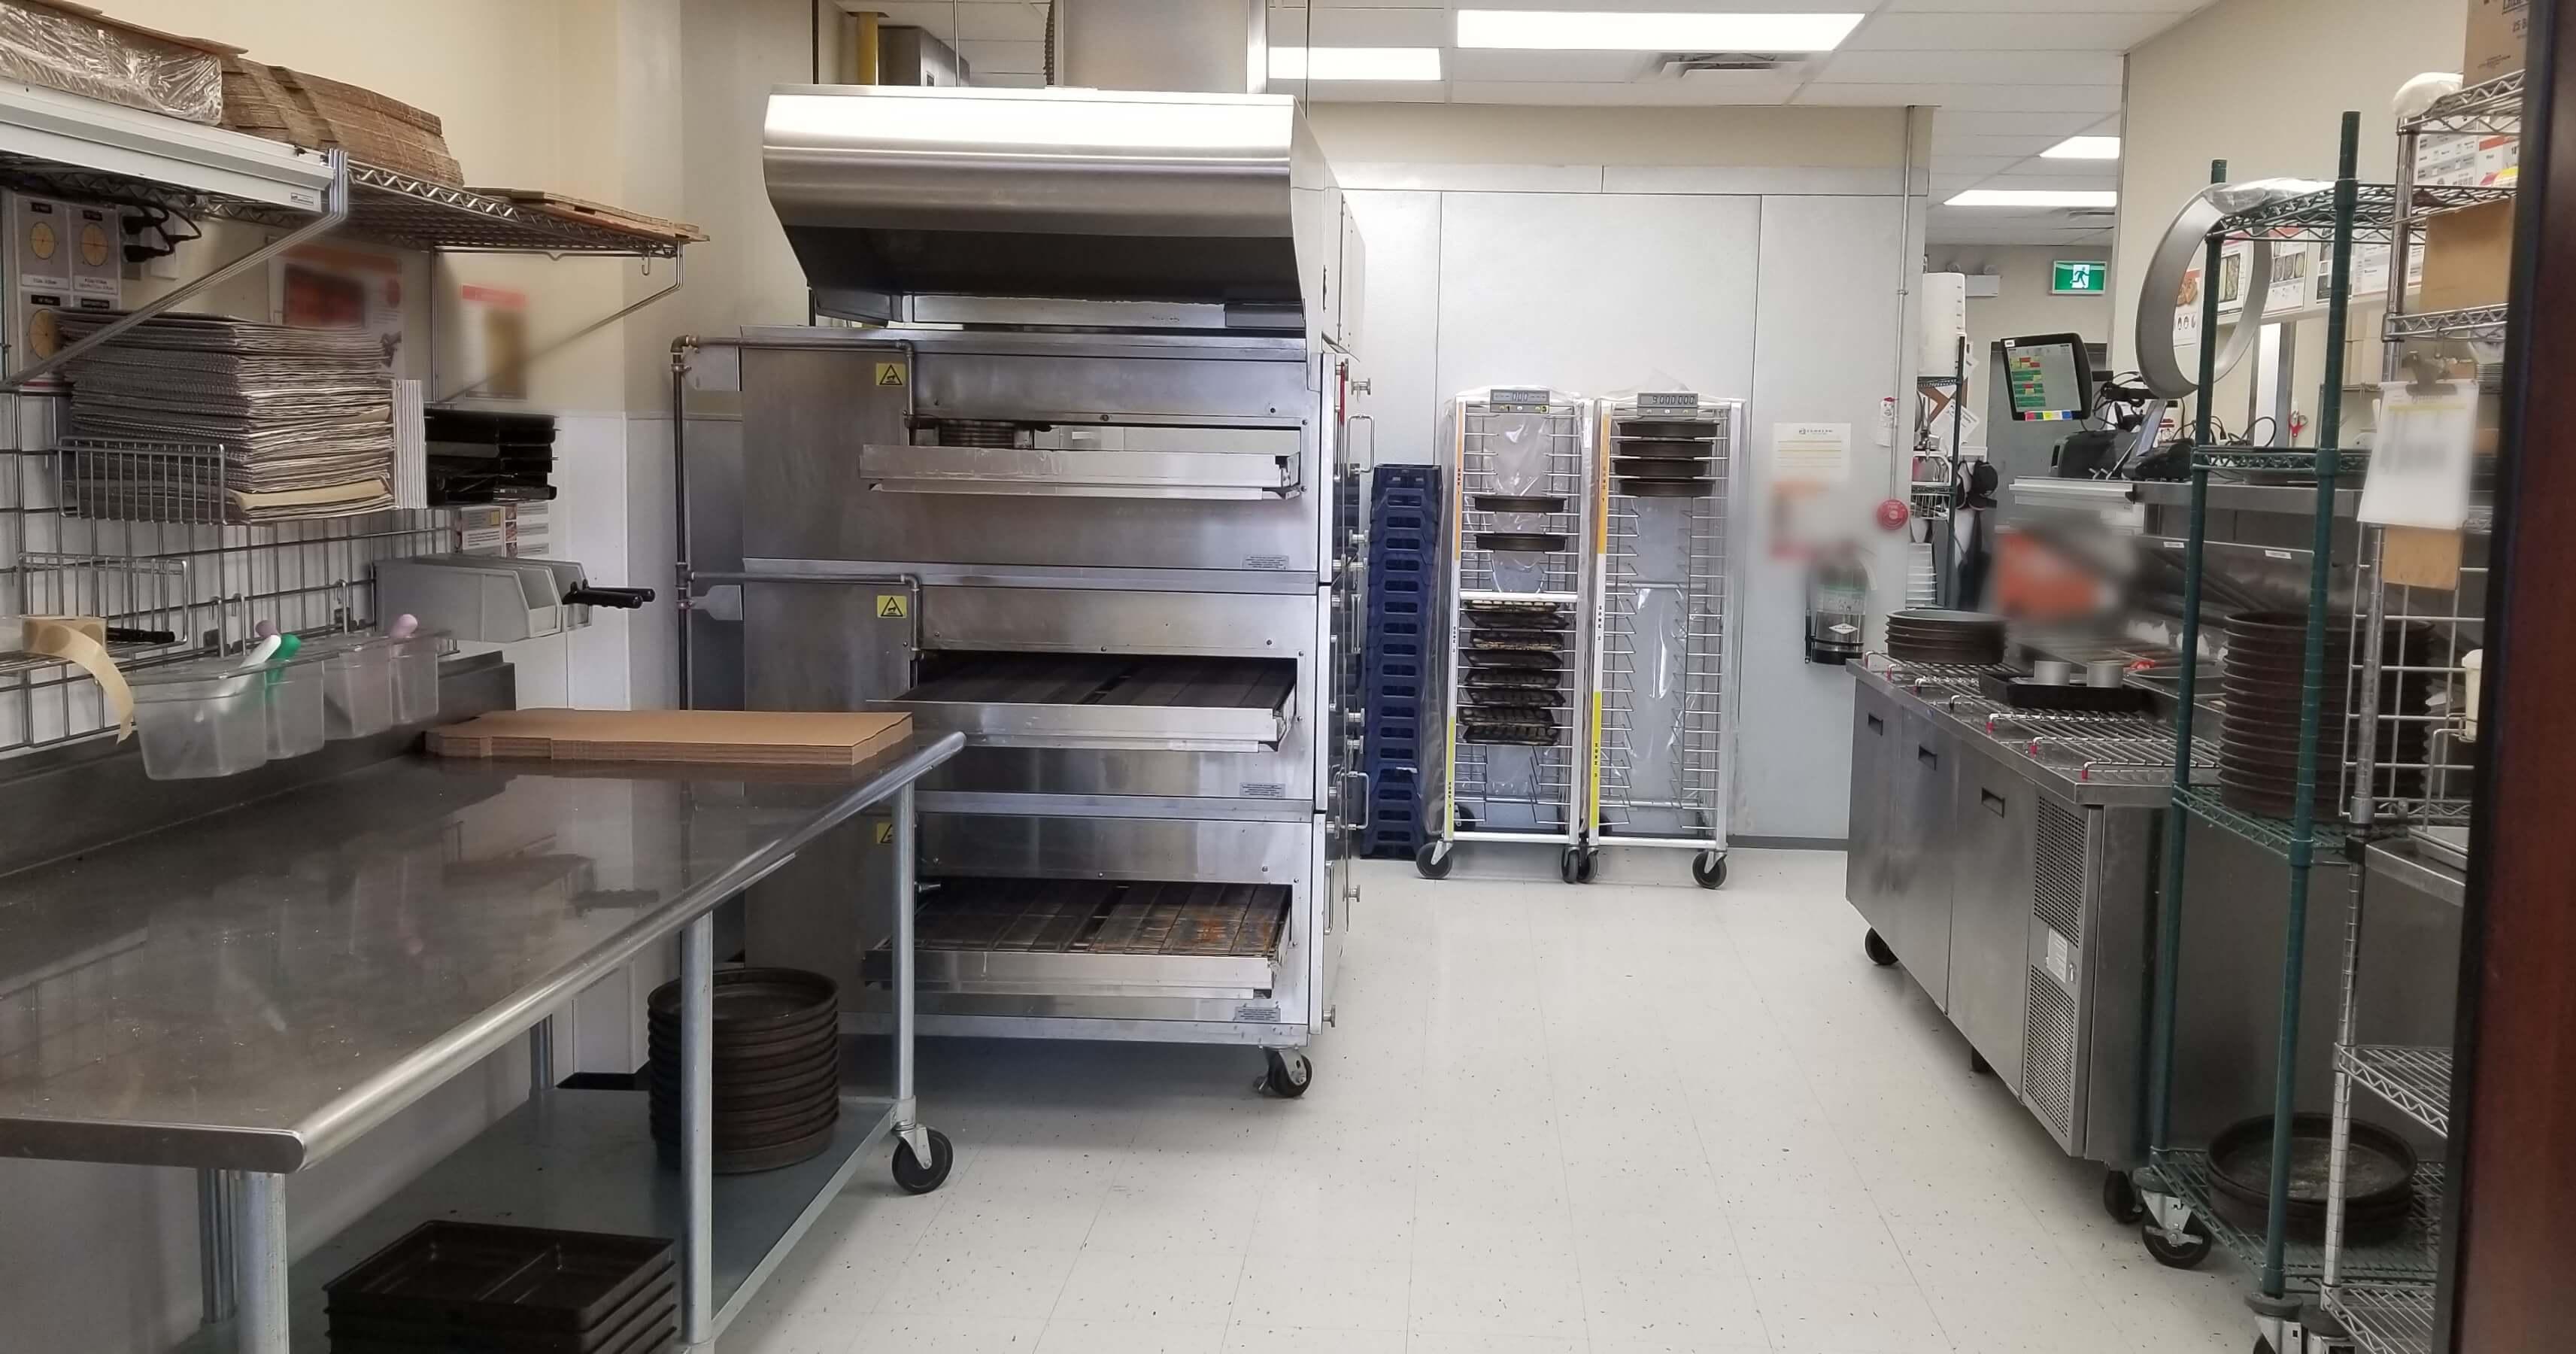 kitchen 3 deck oven